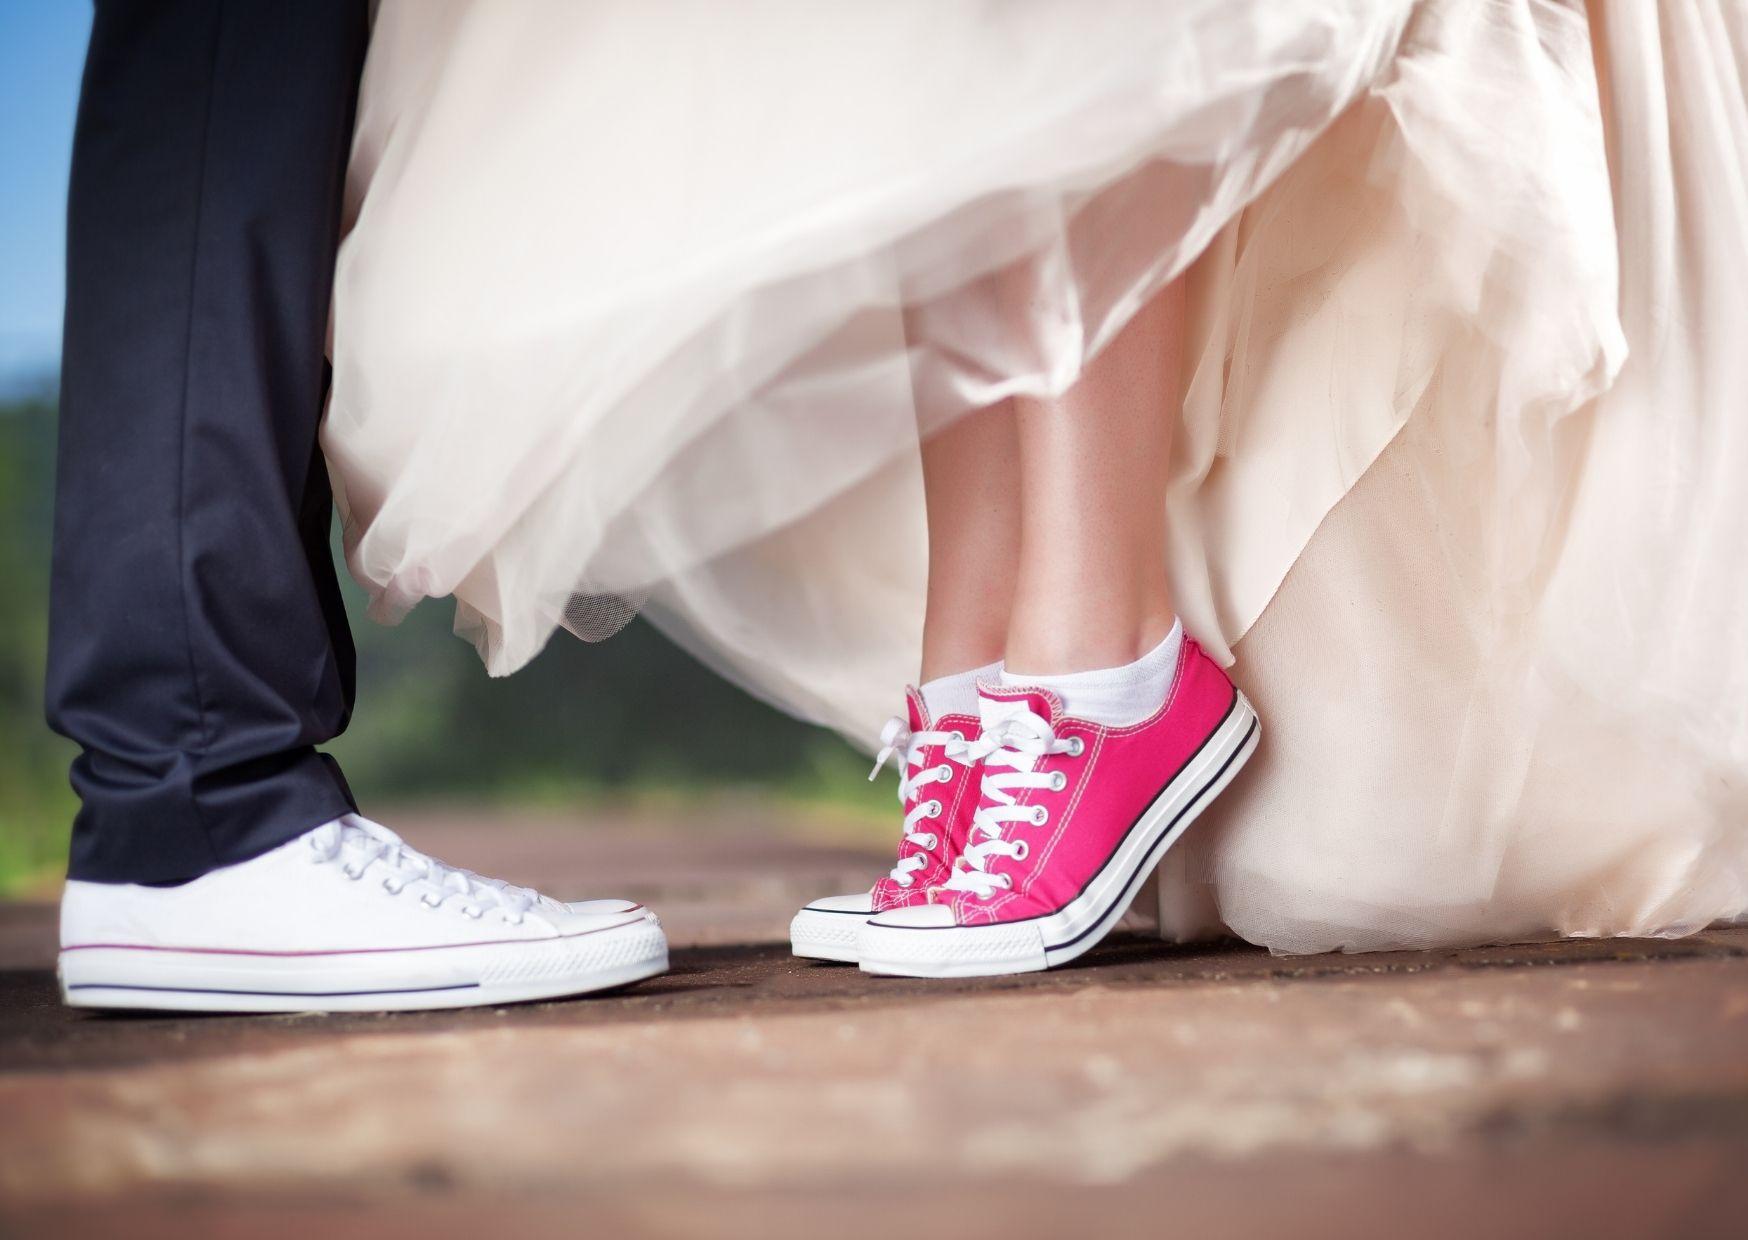 Ślub przed dwudziestką? W Łódzkiem takich przypadków nie brakuje [statystyki] - Zdjęcie główne